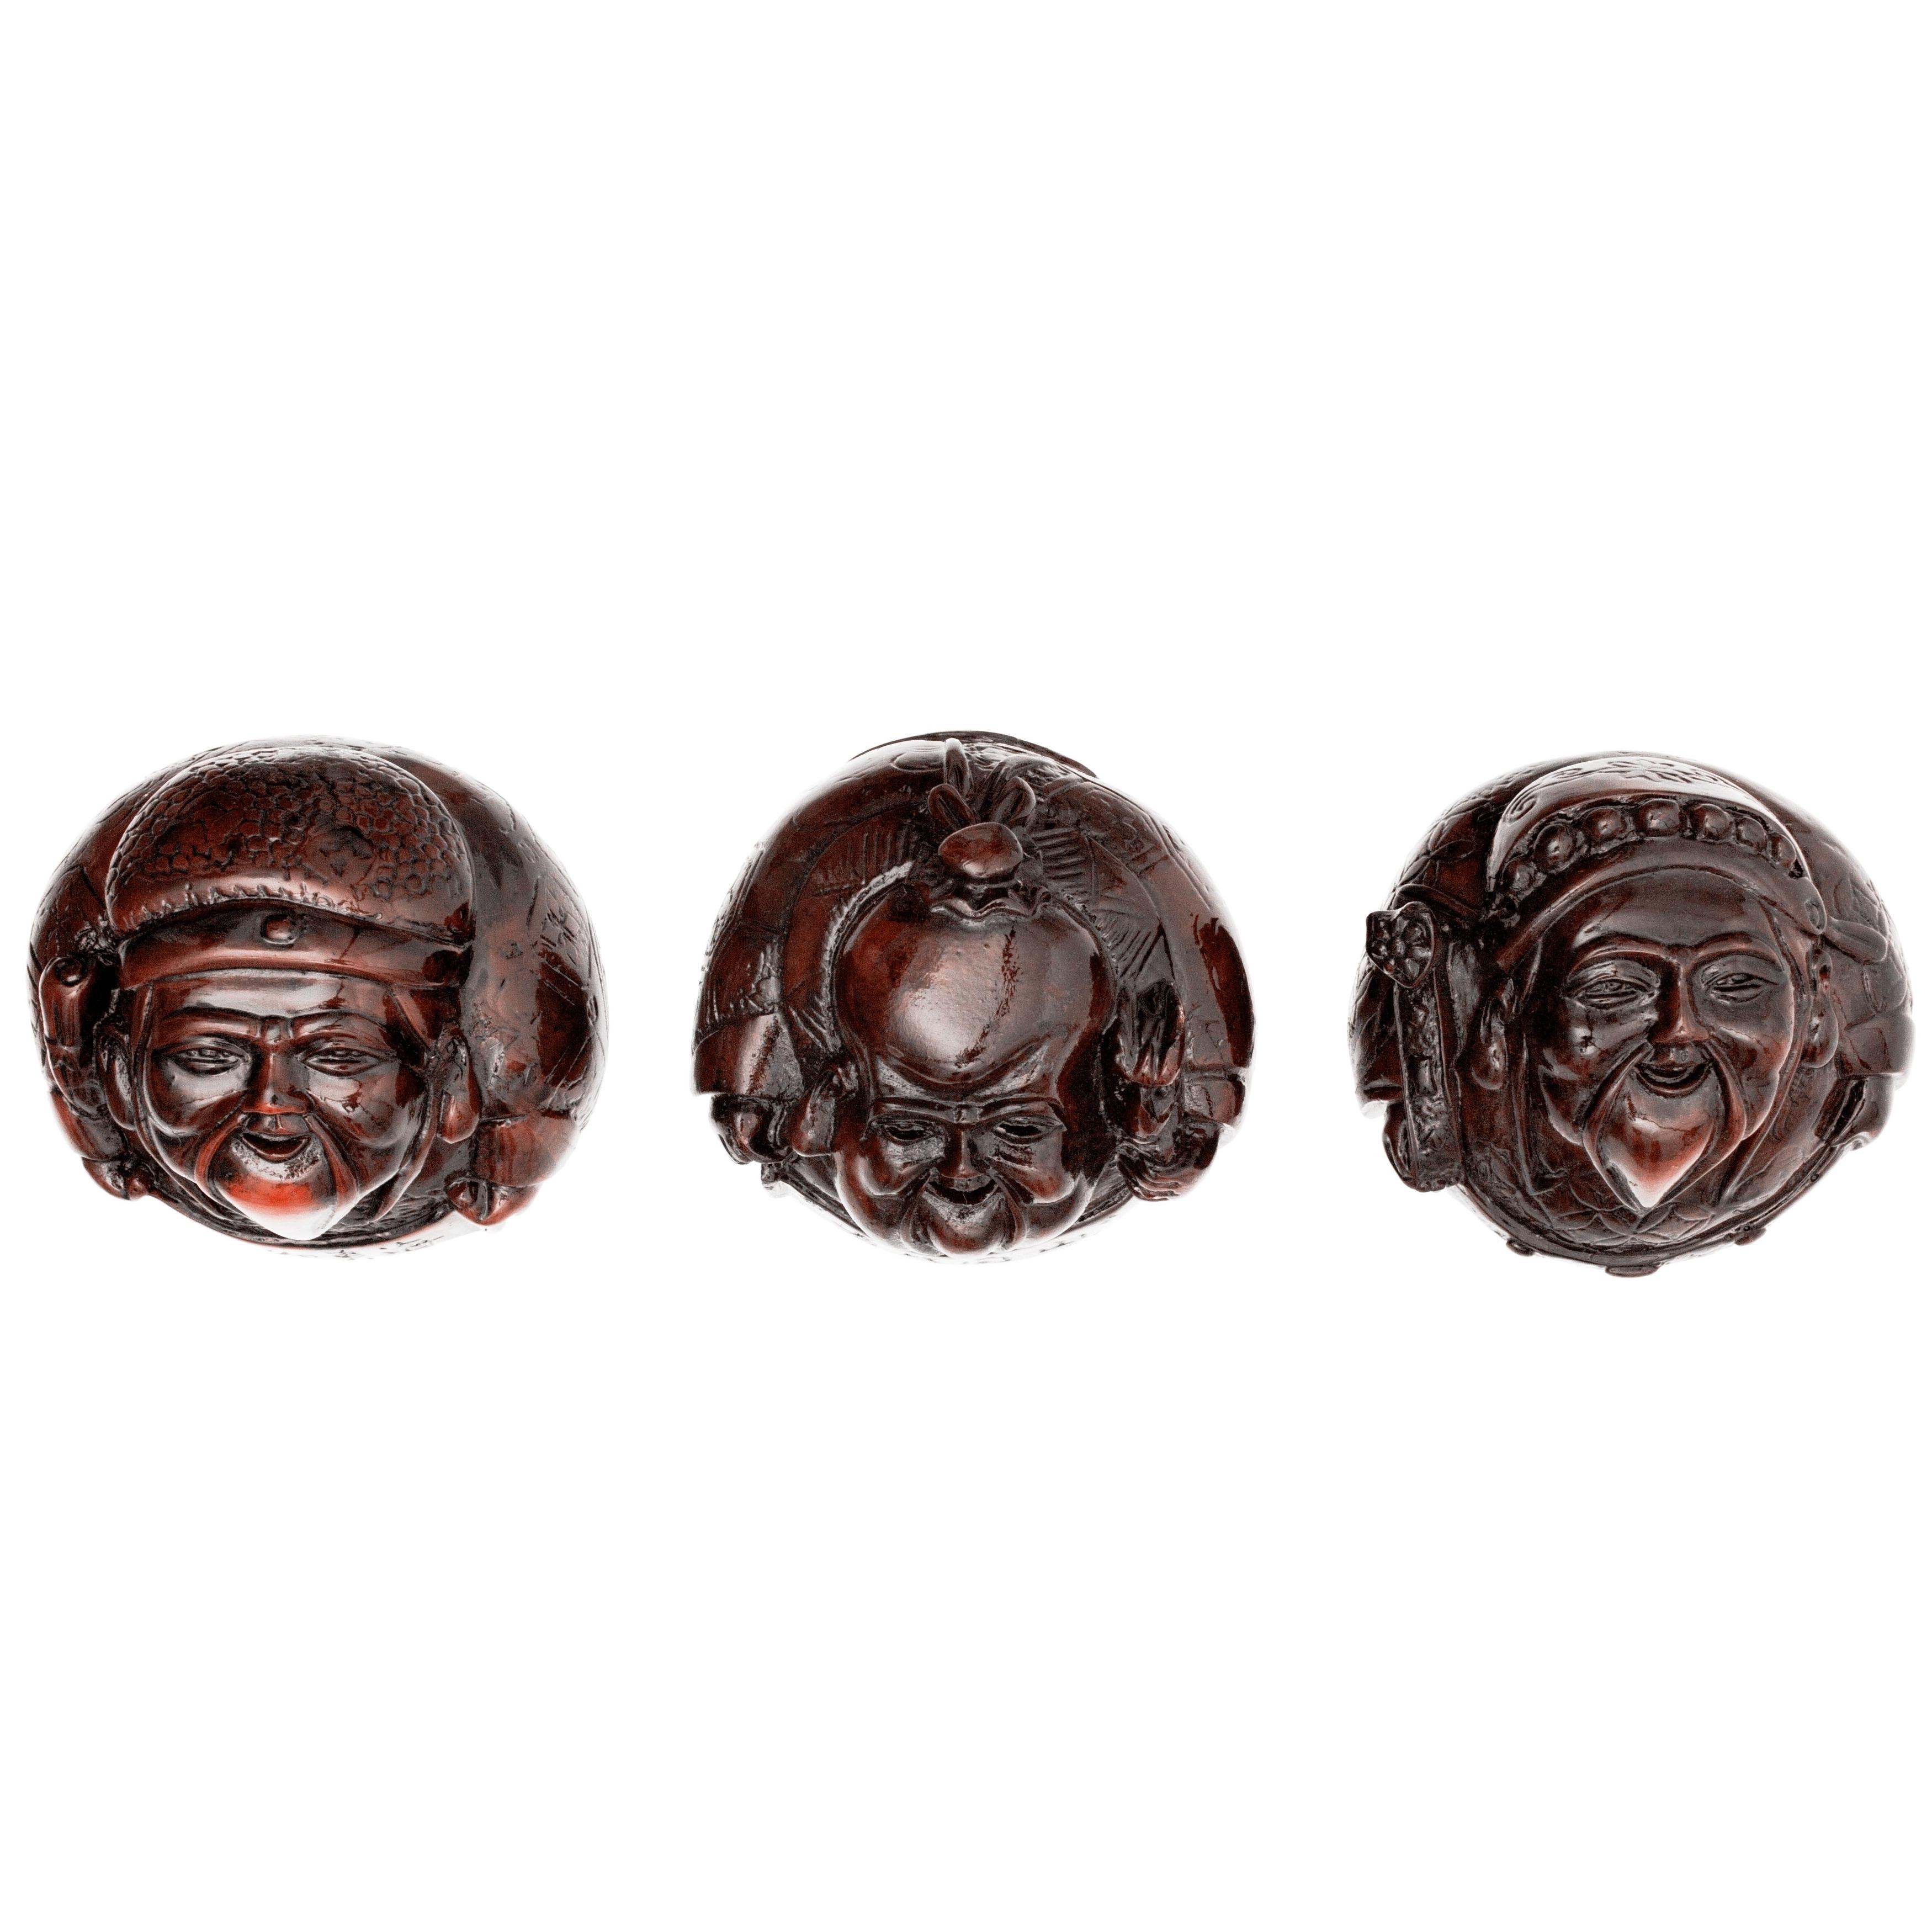 Three Immortals Set of Three Statues